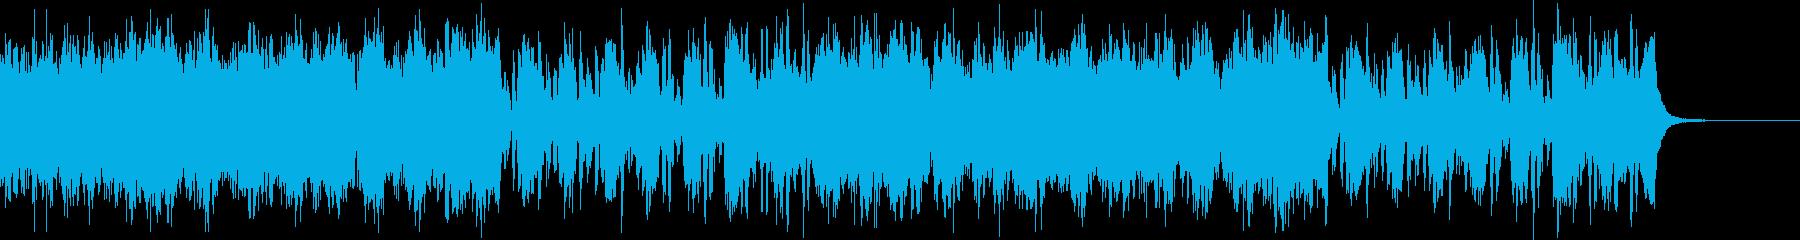 和太鼓+オケ=和風でかっこいい激しい戦闘の再生済みの波形